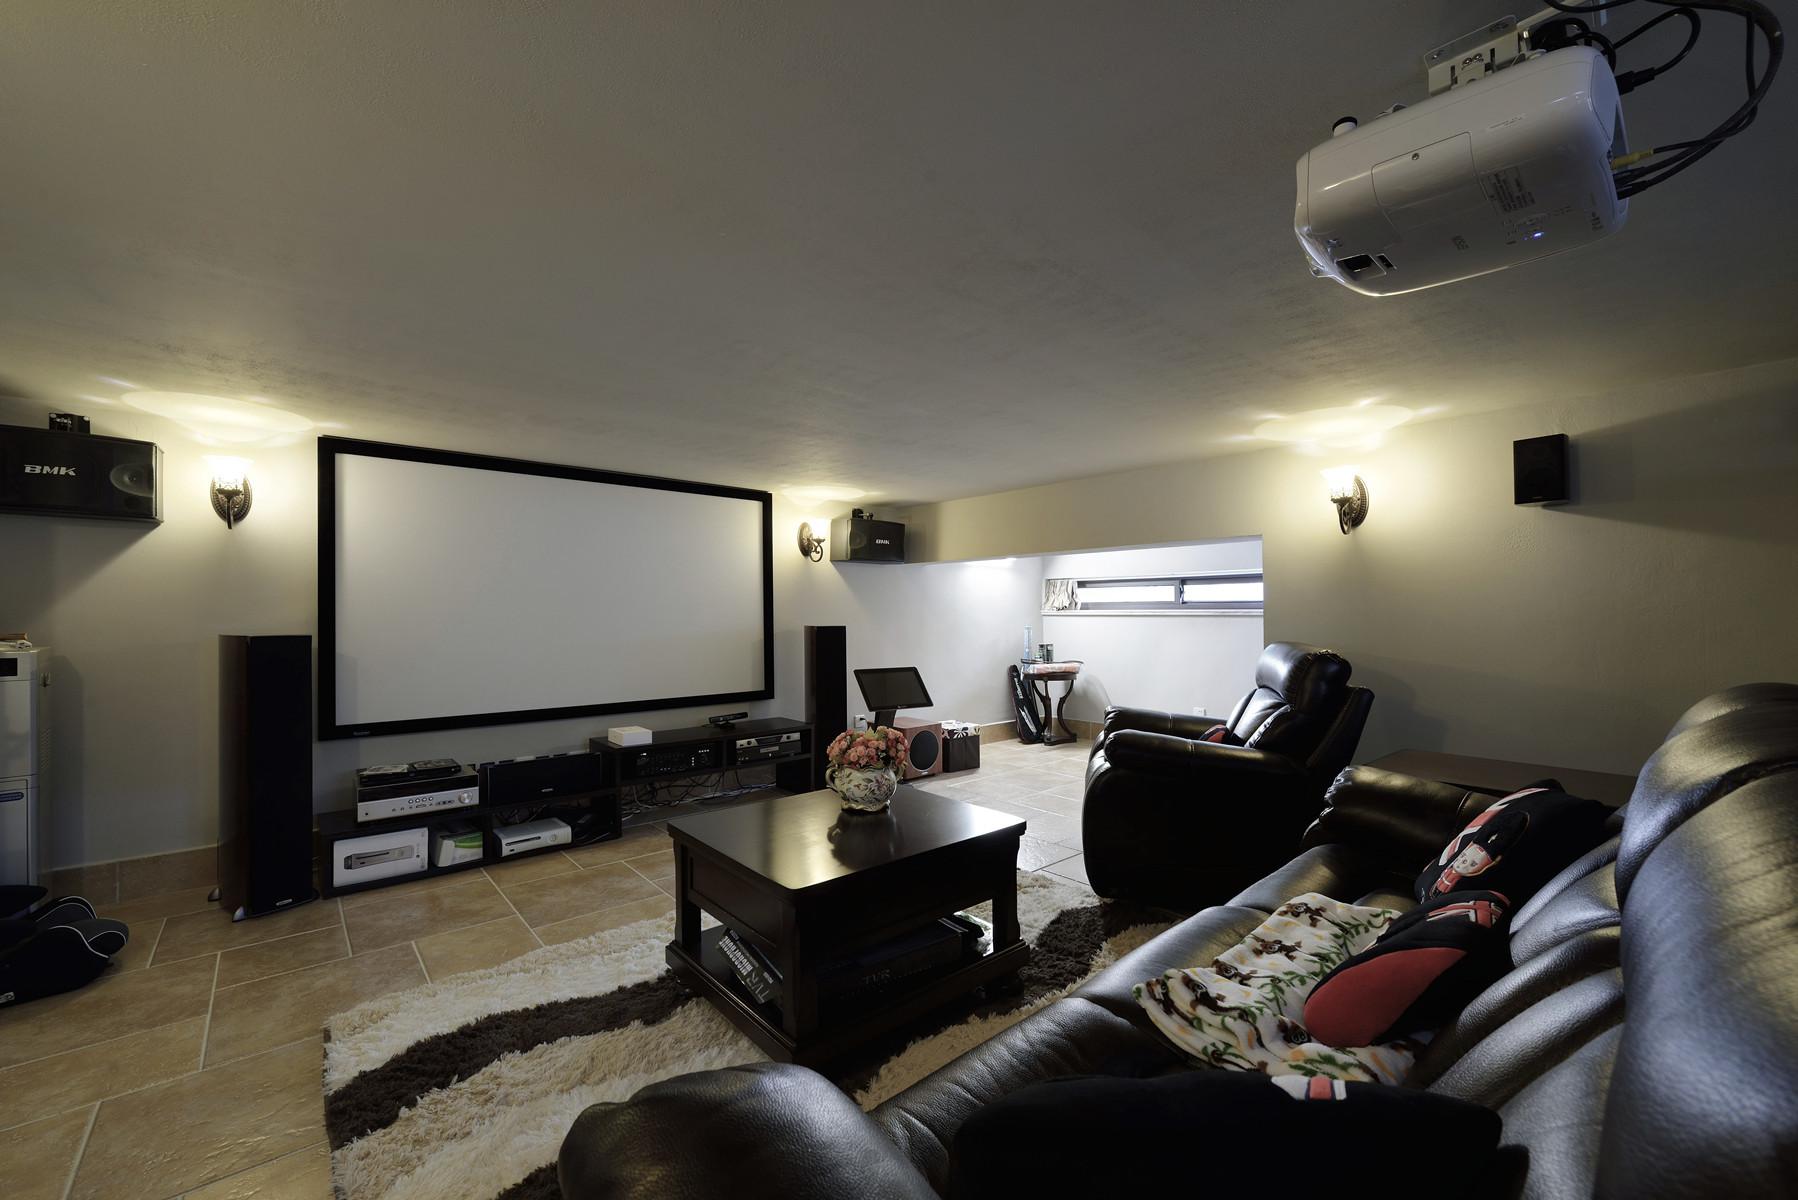 美式风格别墅设计影音室搭配图